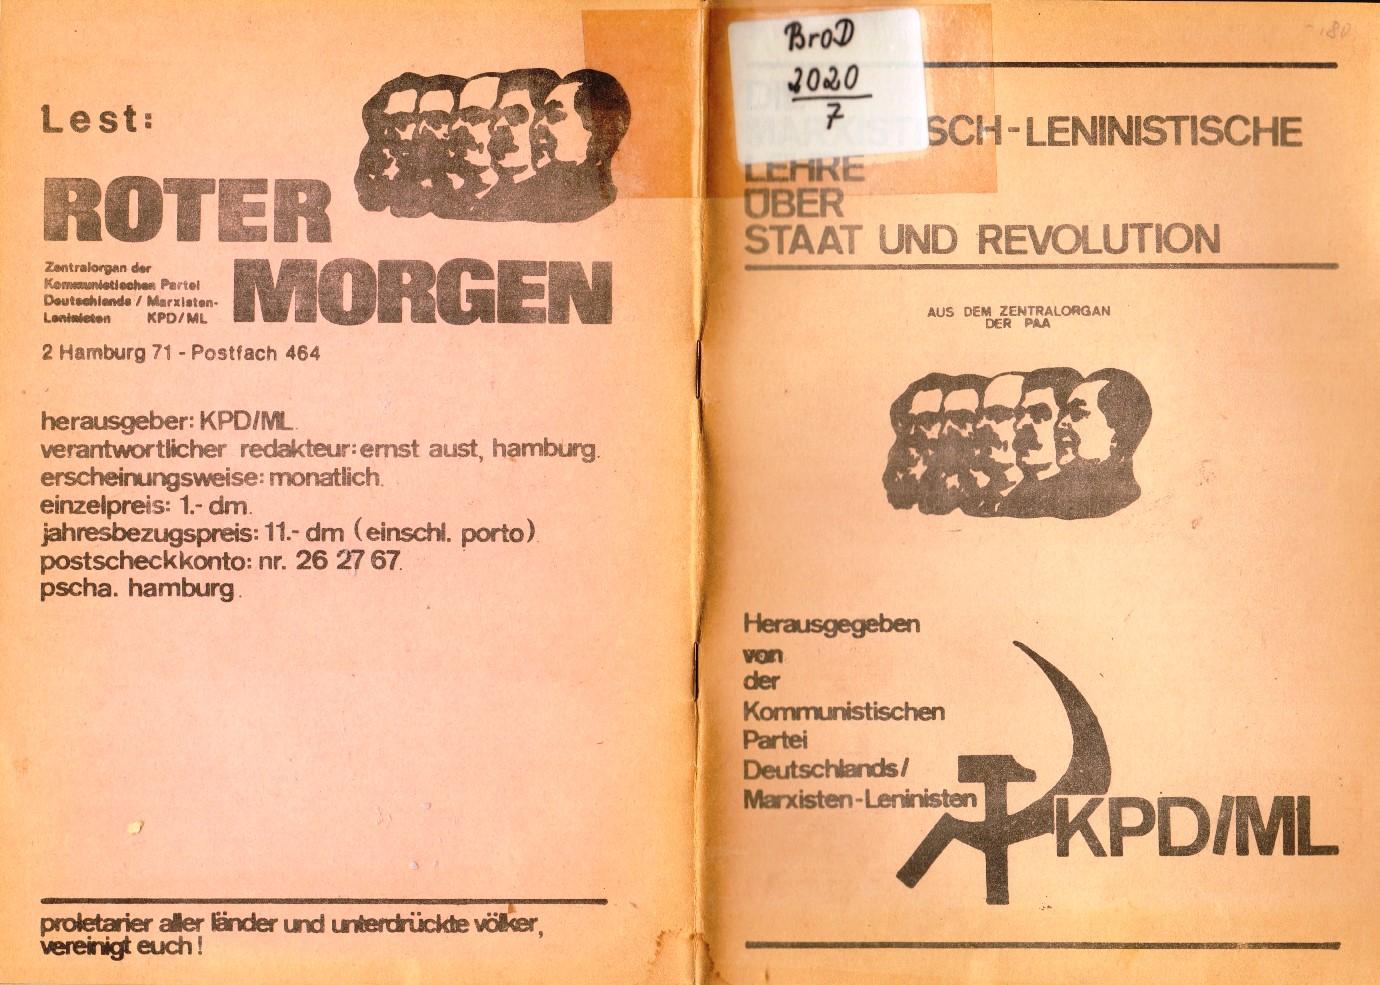 KPDML_1970_Lehre_ueber_Staat_und_Revolution_01